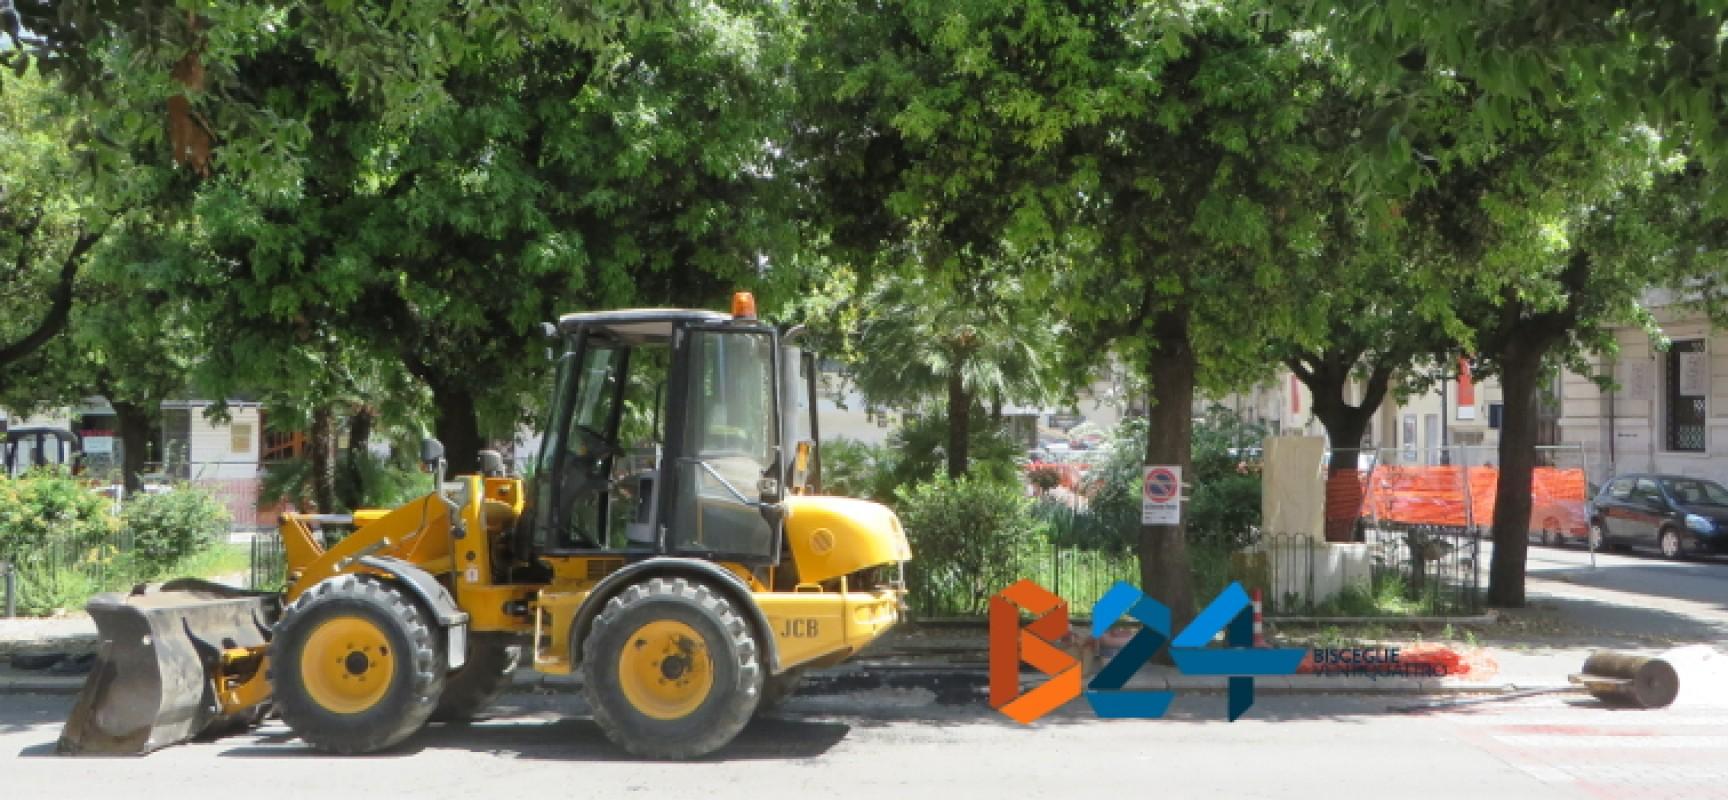 Iniziati i lavori in Piazza san Francesco, viabilità rivoluzionata / DETTAGLI